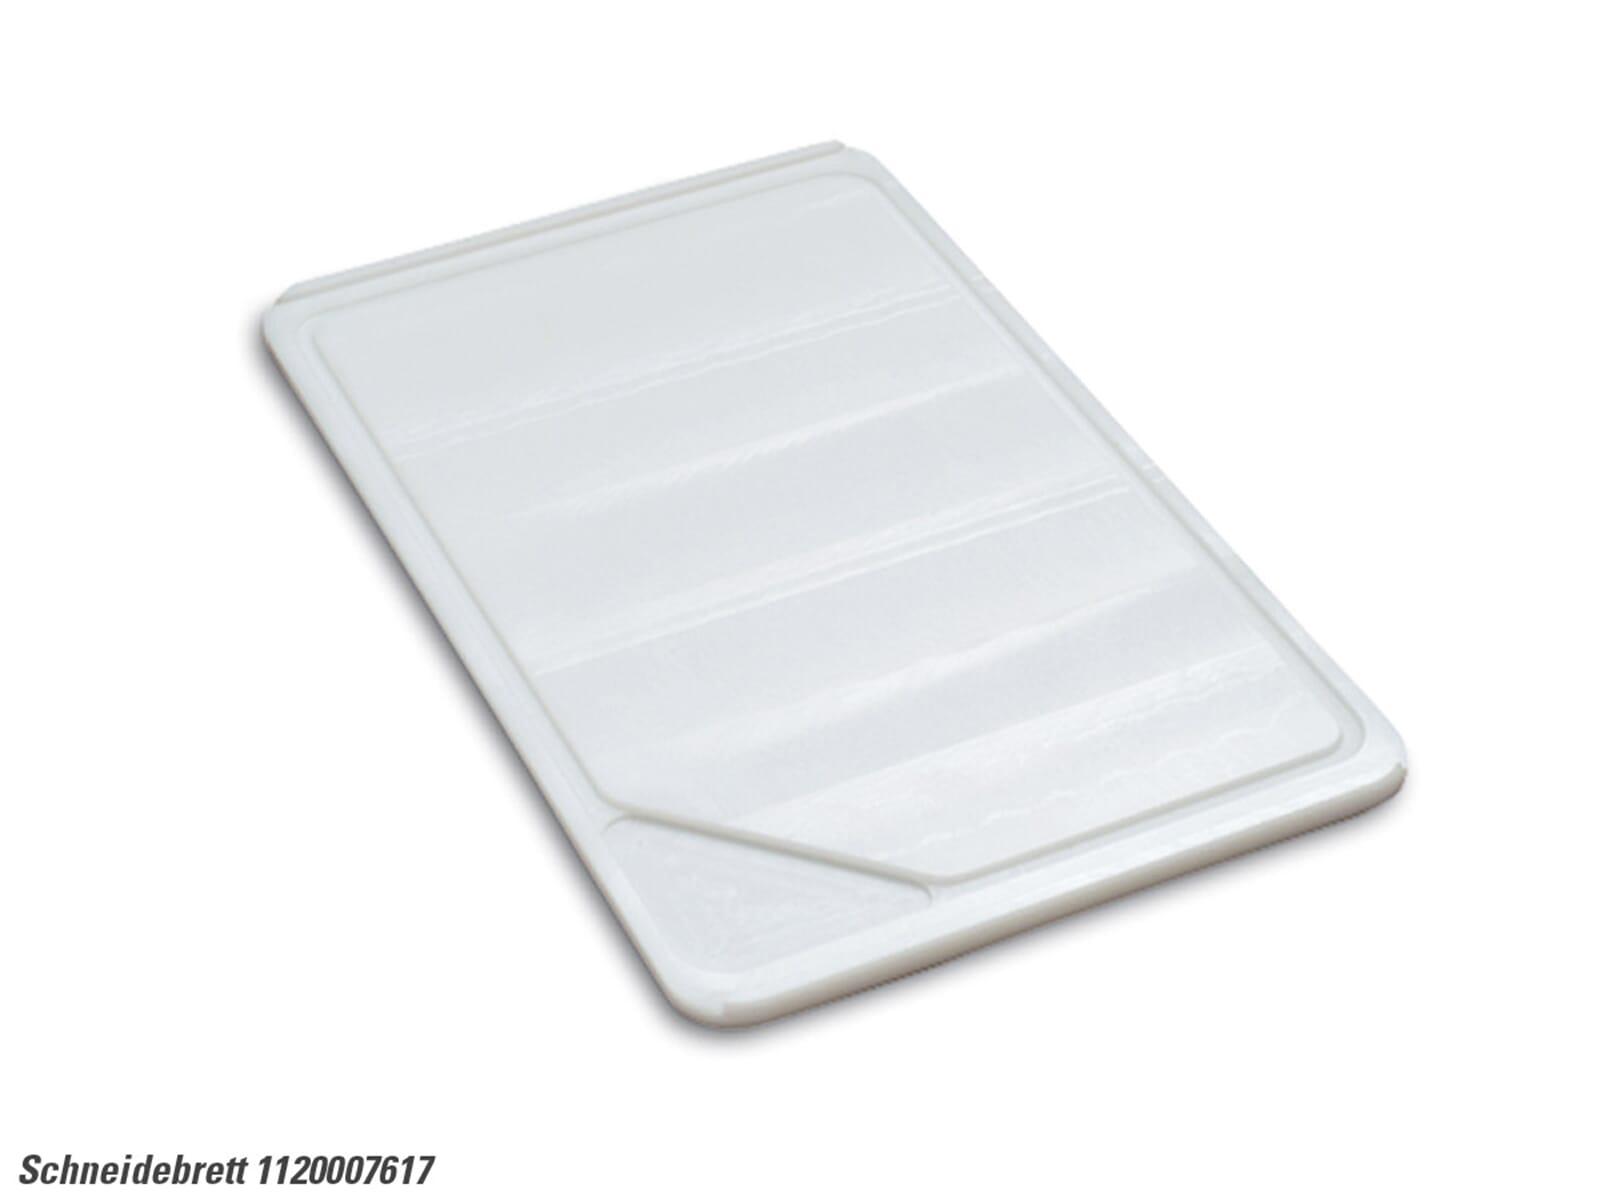 Franke 112.0007.617 Kunststoffschneidebrett weiß